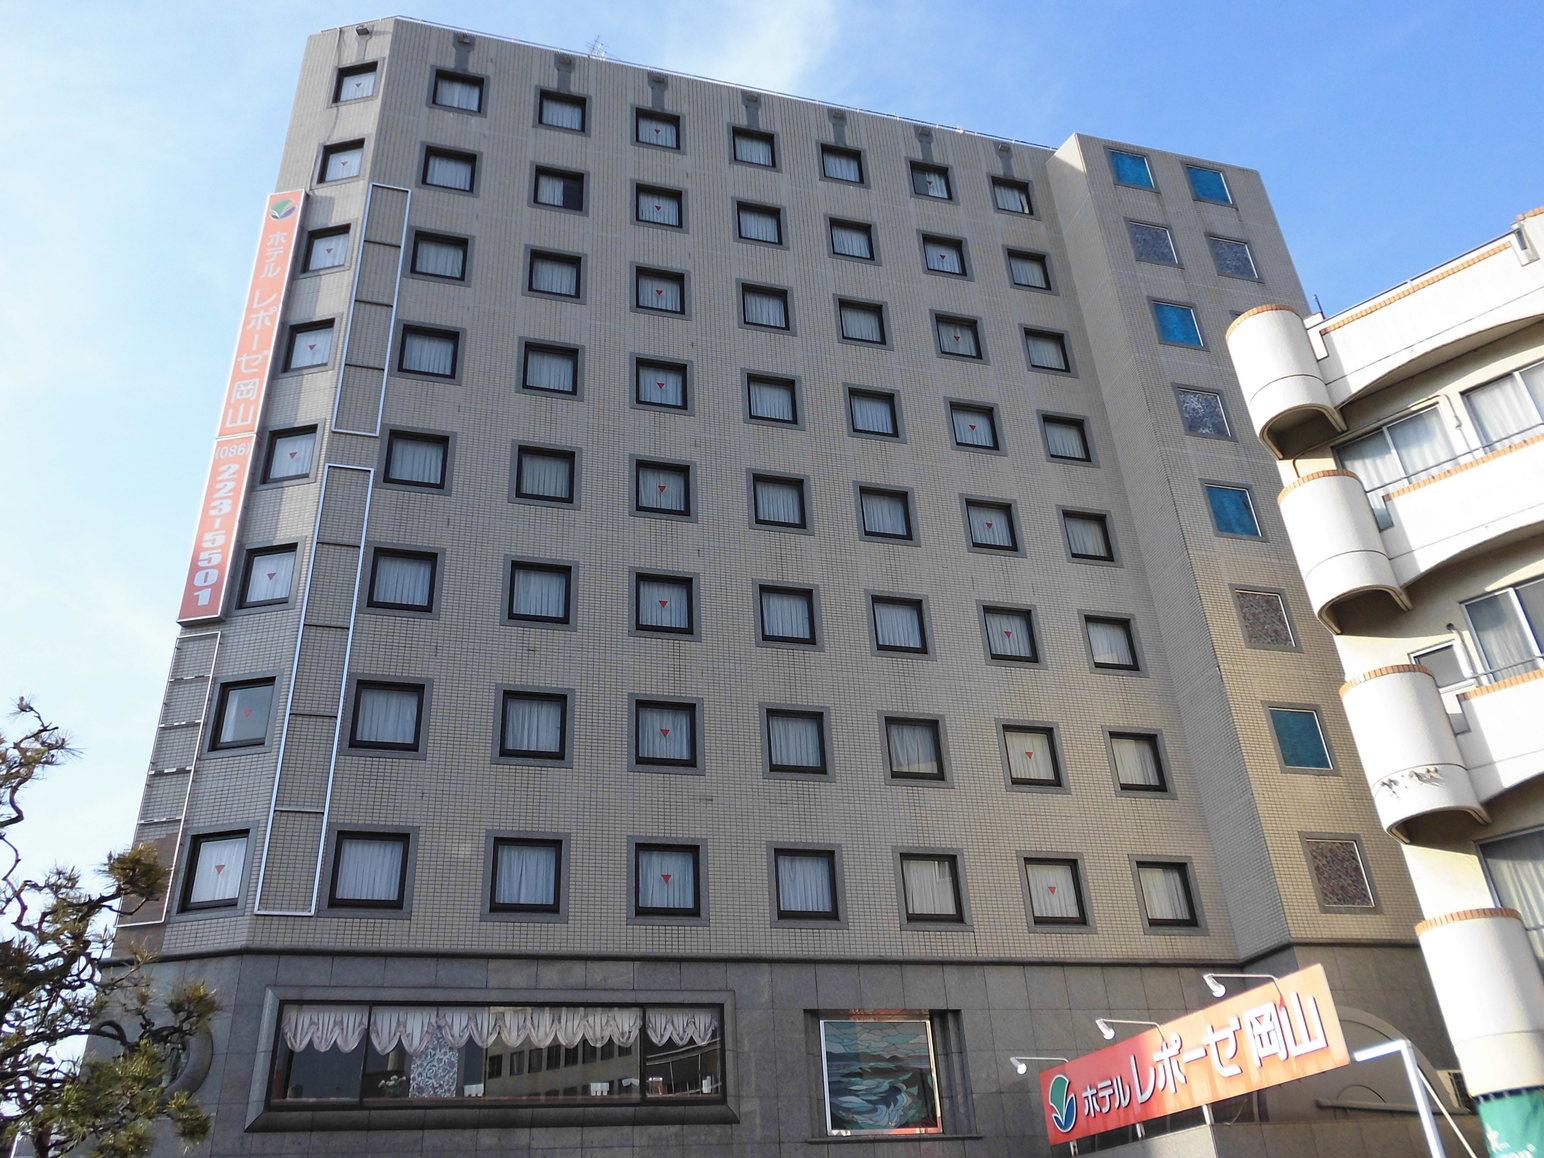 ホテルレポーゼ岡山(KOSCOINNグループ)...